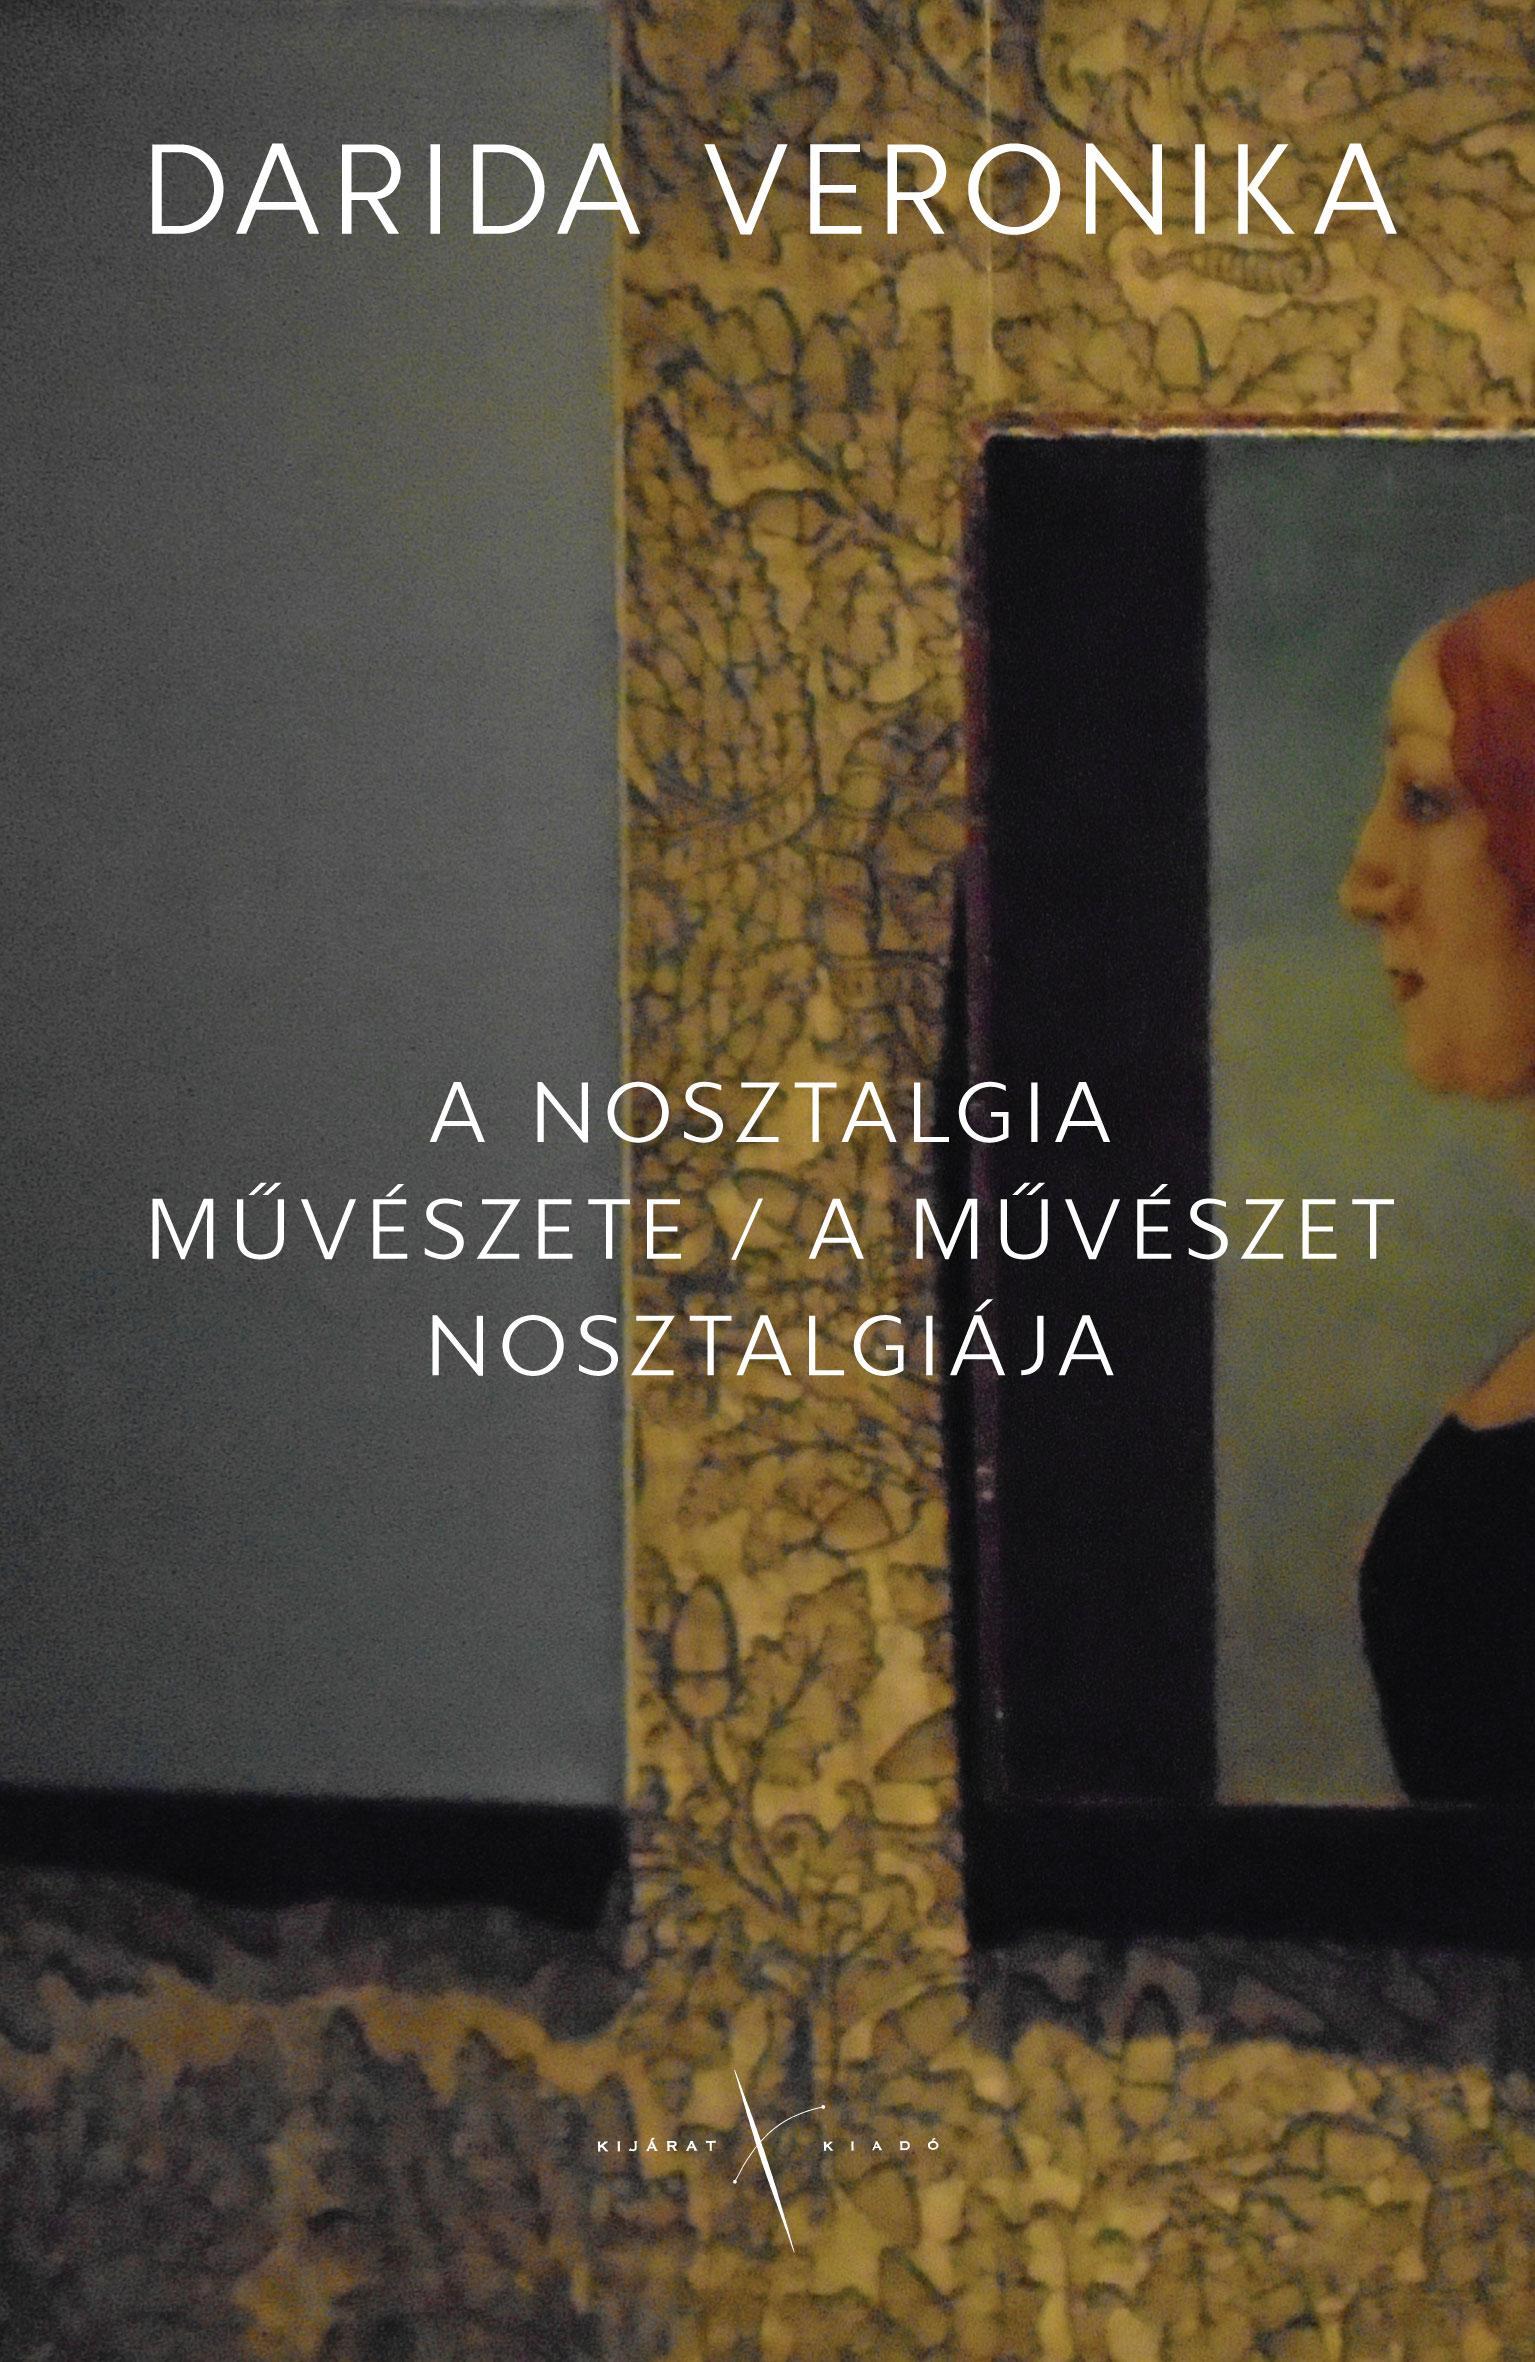 A NOSZTALGIA MÛVÉSZETE / A MÛVÉSZET NOSZTALGIÁJA